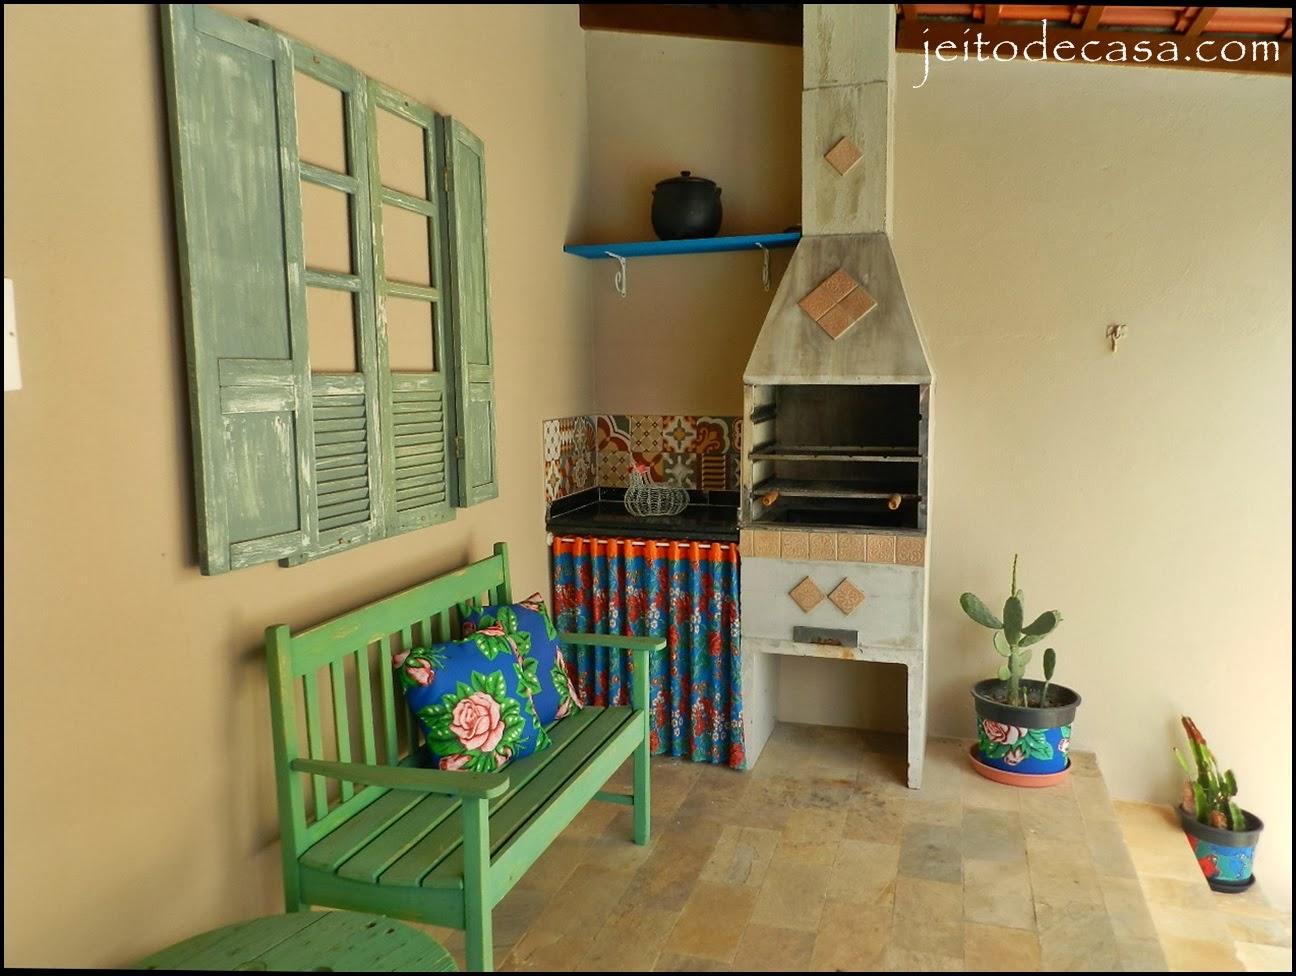 Área de lazer de casa renovada! Jeito de Casa Blog de Decoraç u00e3o